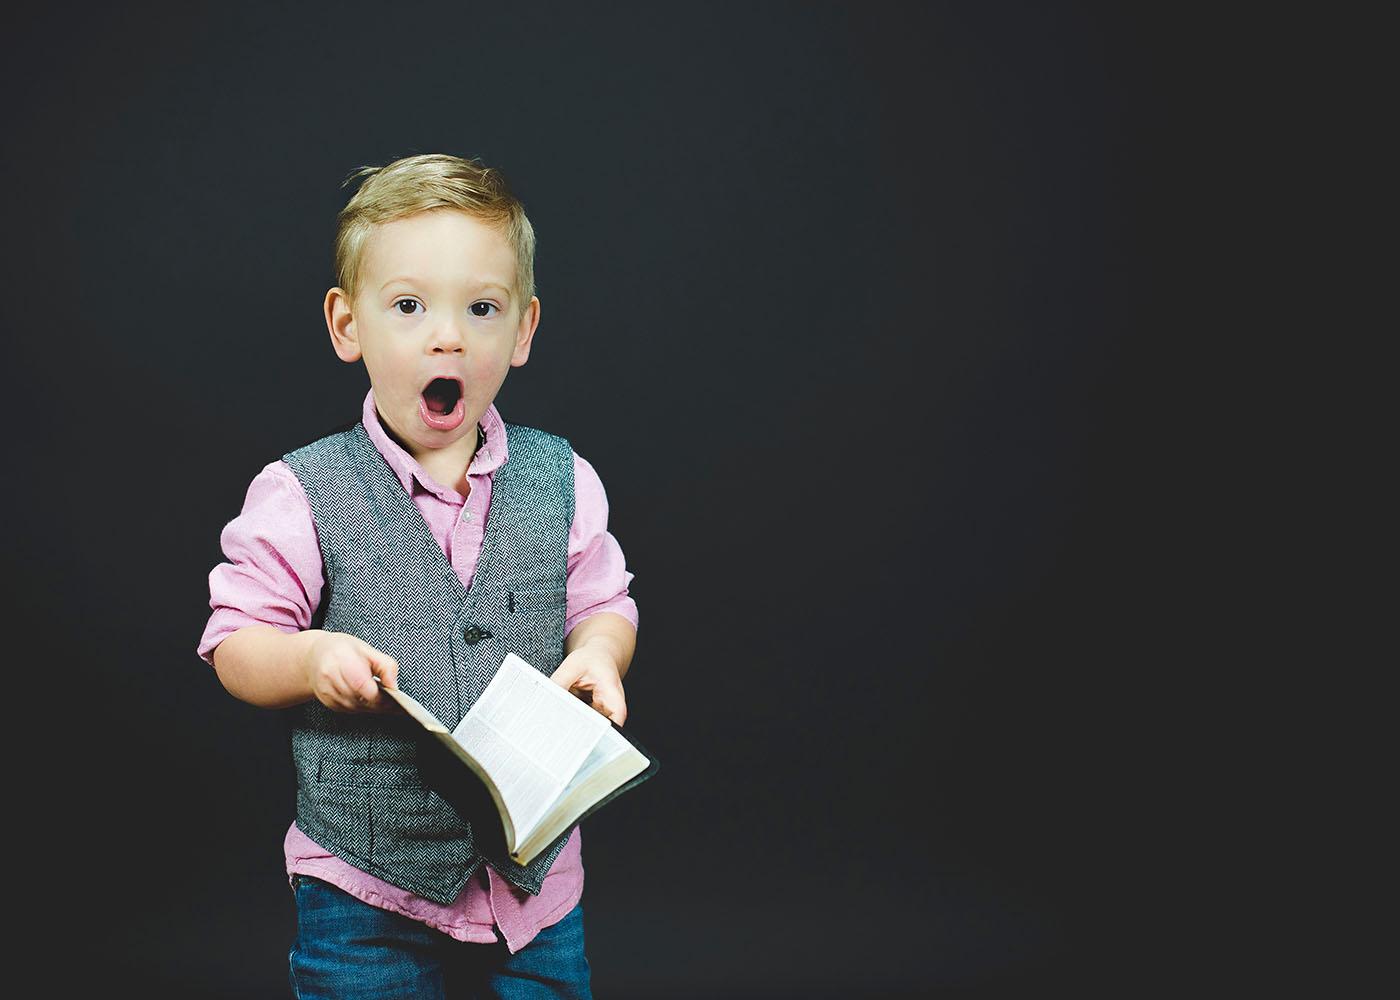 برای تقویت رزومه، کتاب چاپ کنیم یا مقاله؟ | اکسپت و چاپ مقاله در رشت توسط پایان نامه من شعبه رشت